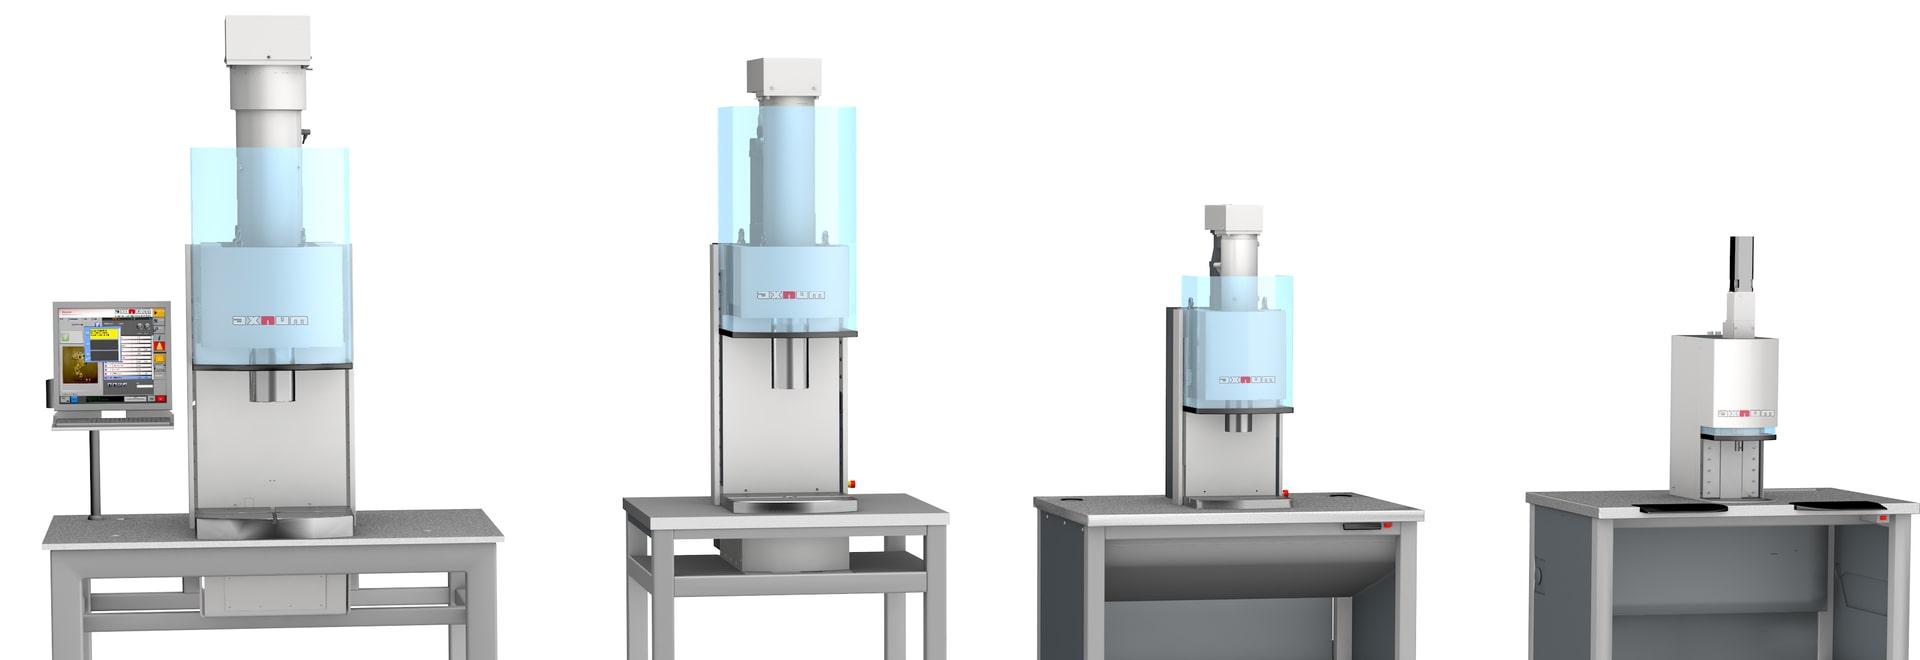 NC-Servopressen Compact L und XL